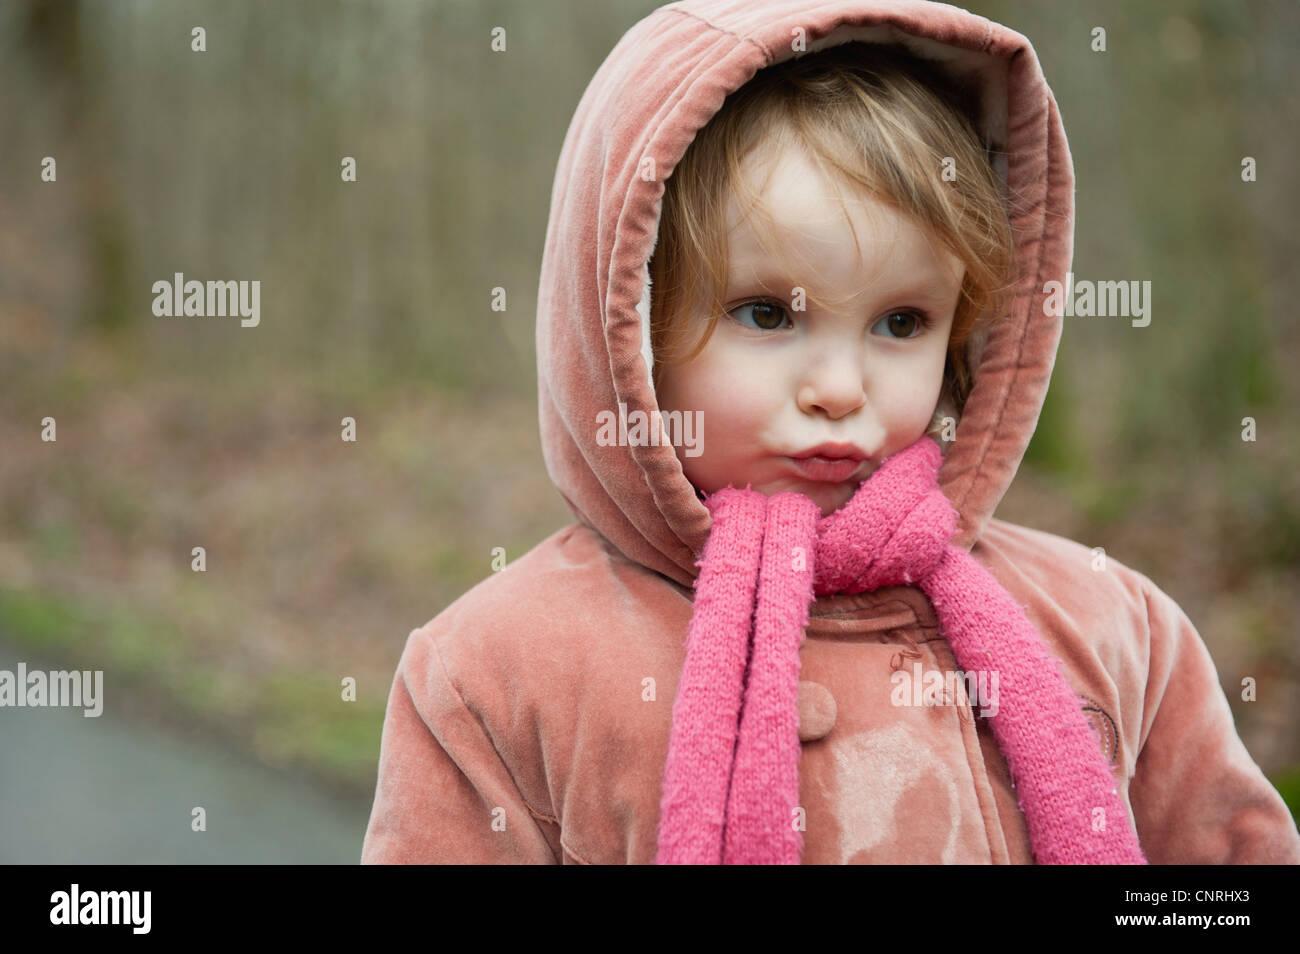 Kleine Mädchen machen Gesicht, Porträt Stockbild